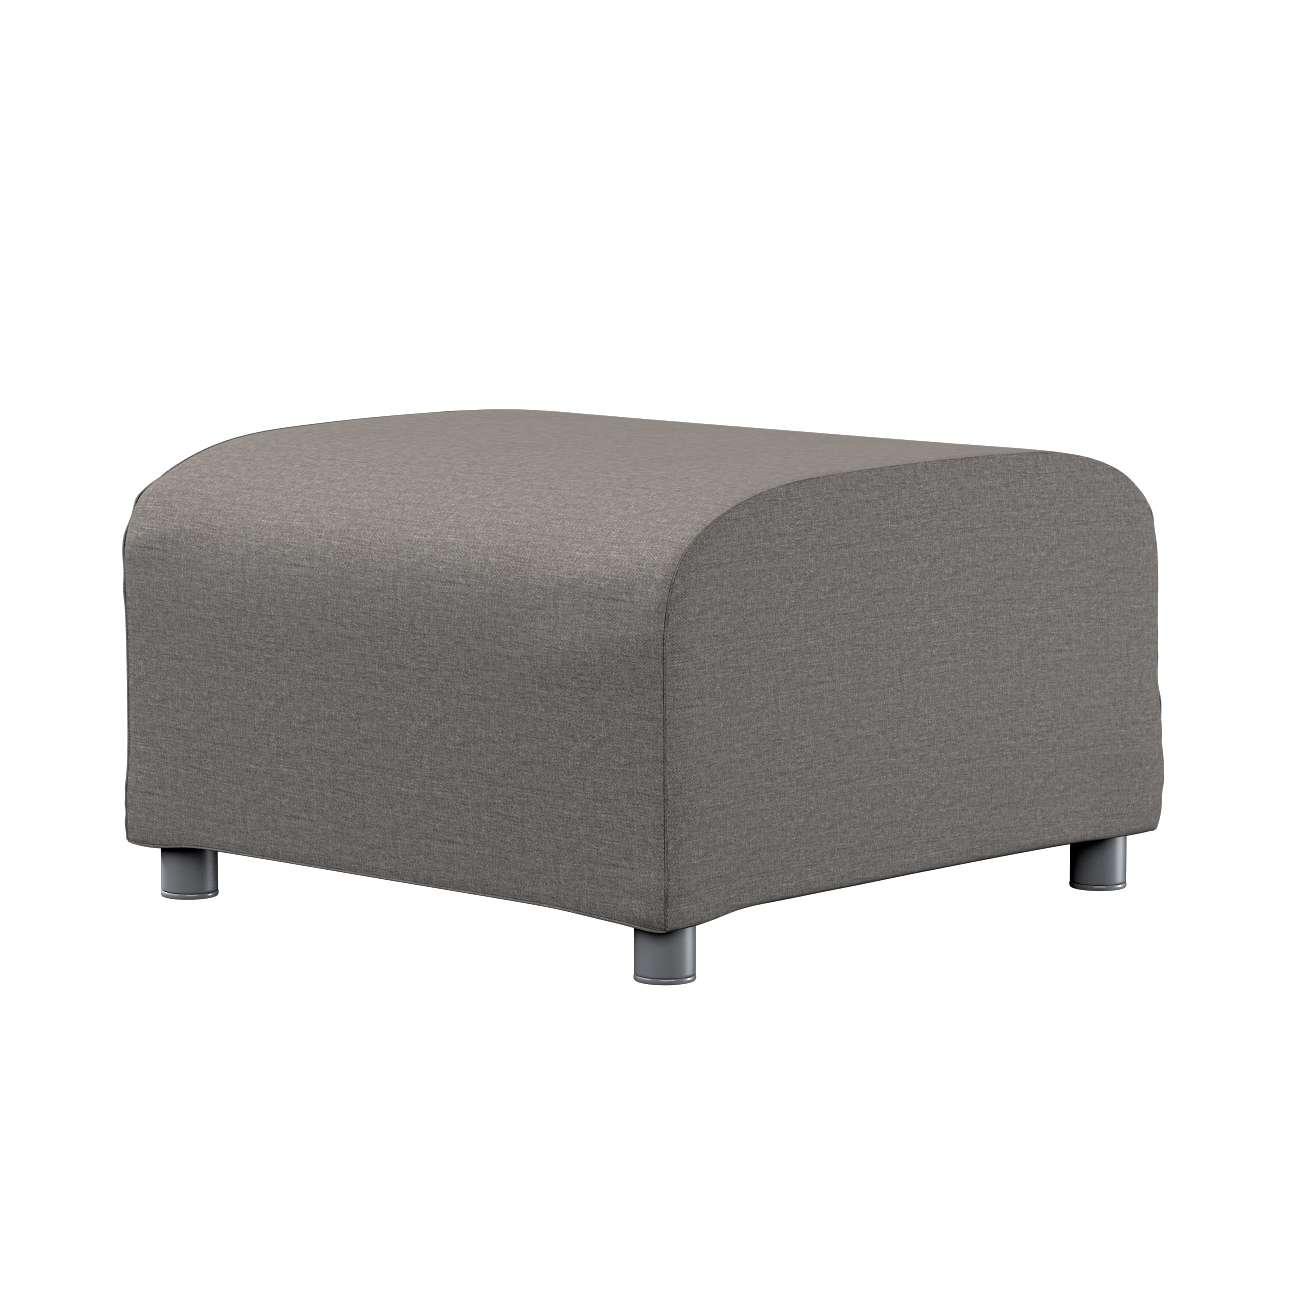 KLIPPAN pufo užvalkalas Klippan footstool cover kolekcijoje Edinburgh , audinys: 115-77